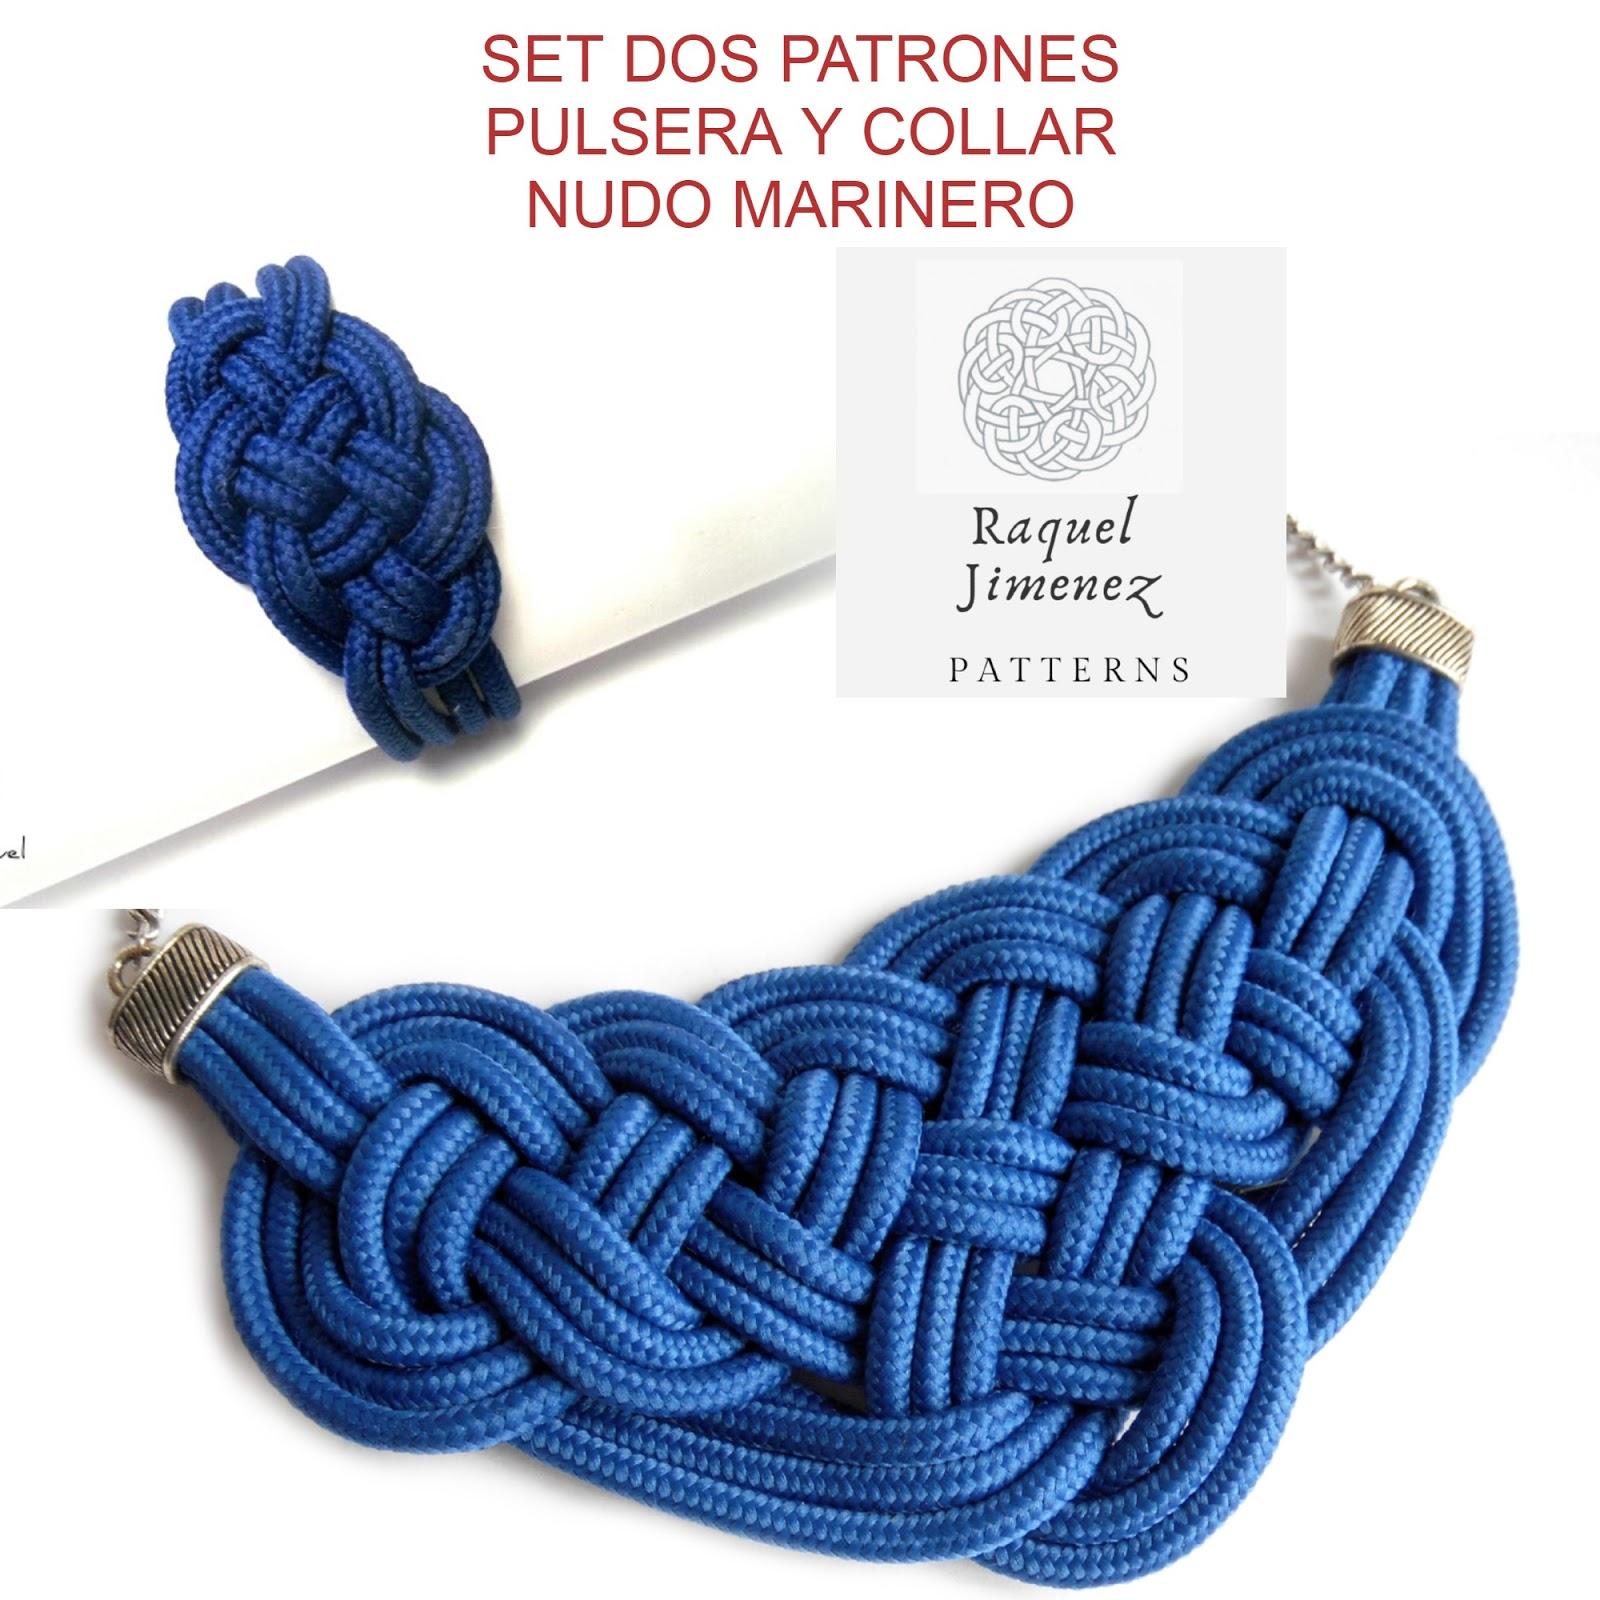 patrones conjunto pulsera y collar nudo marinero